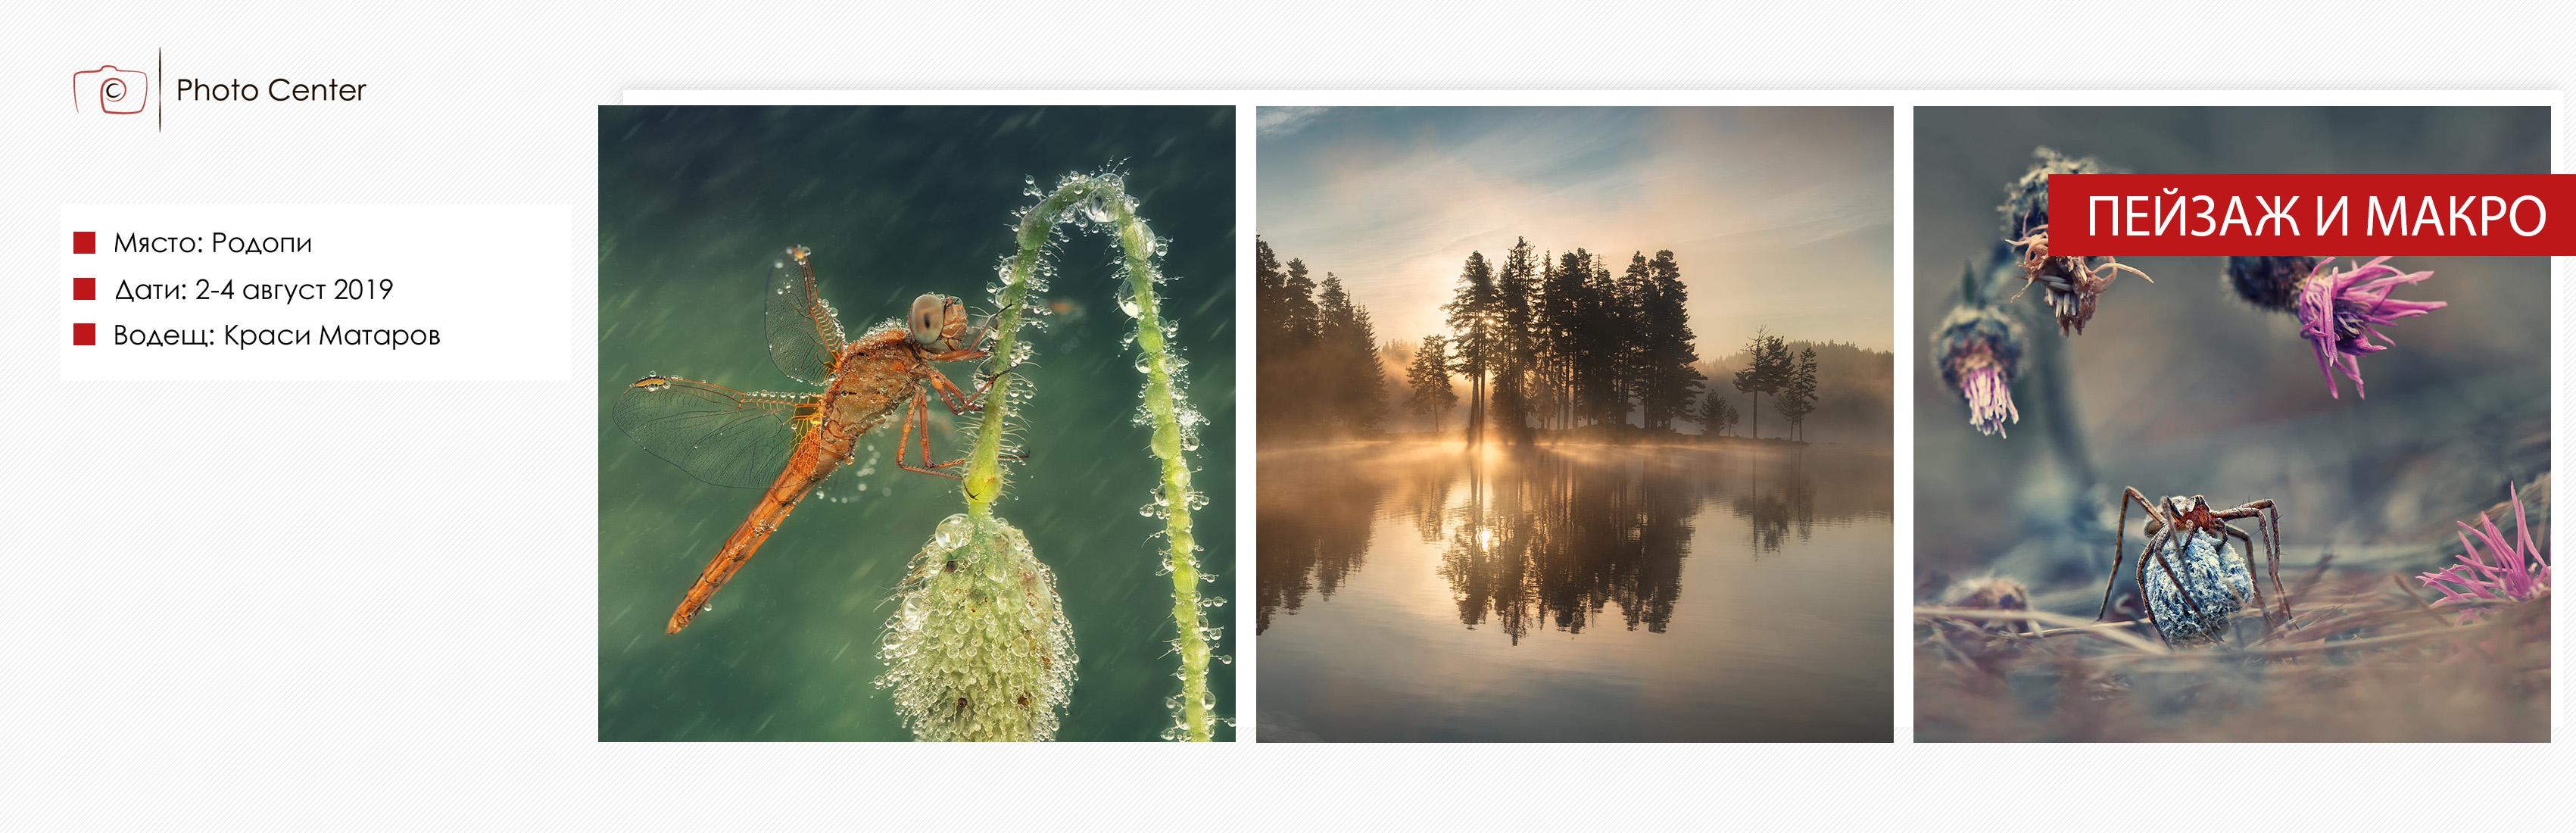 Снимане на пейзажи и макро фотография